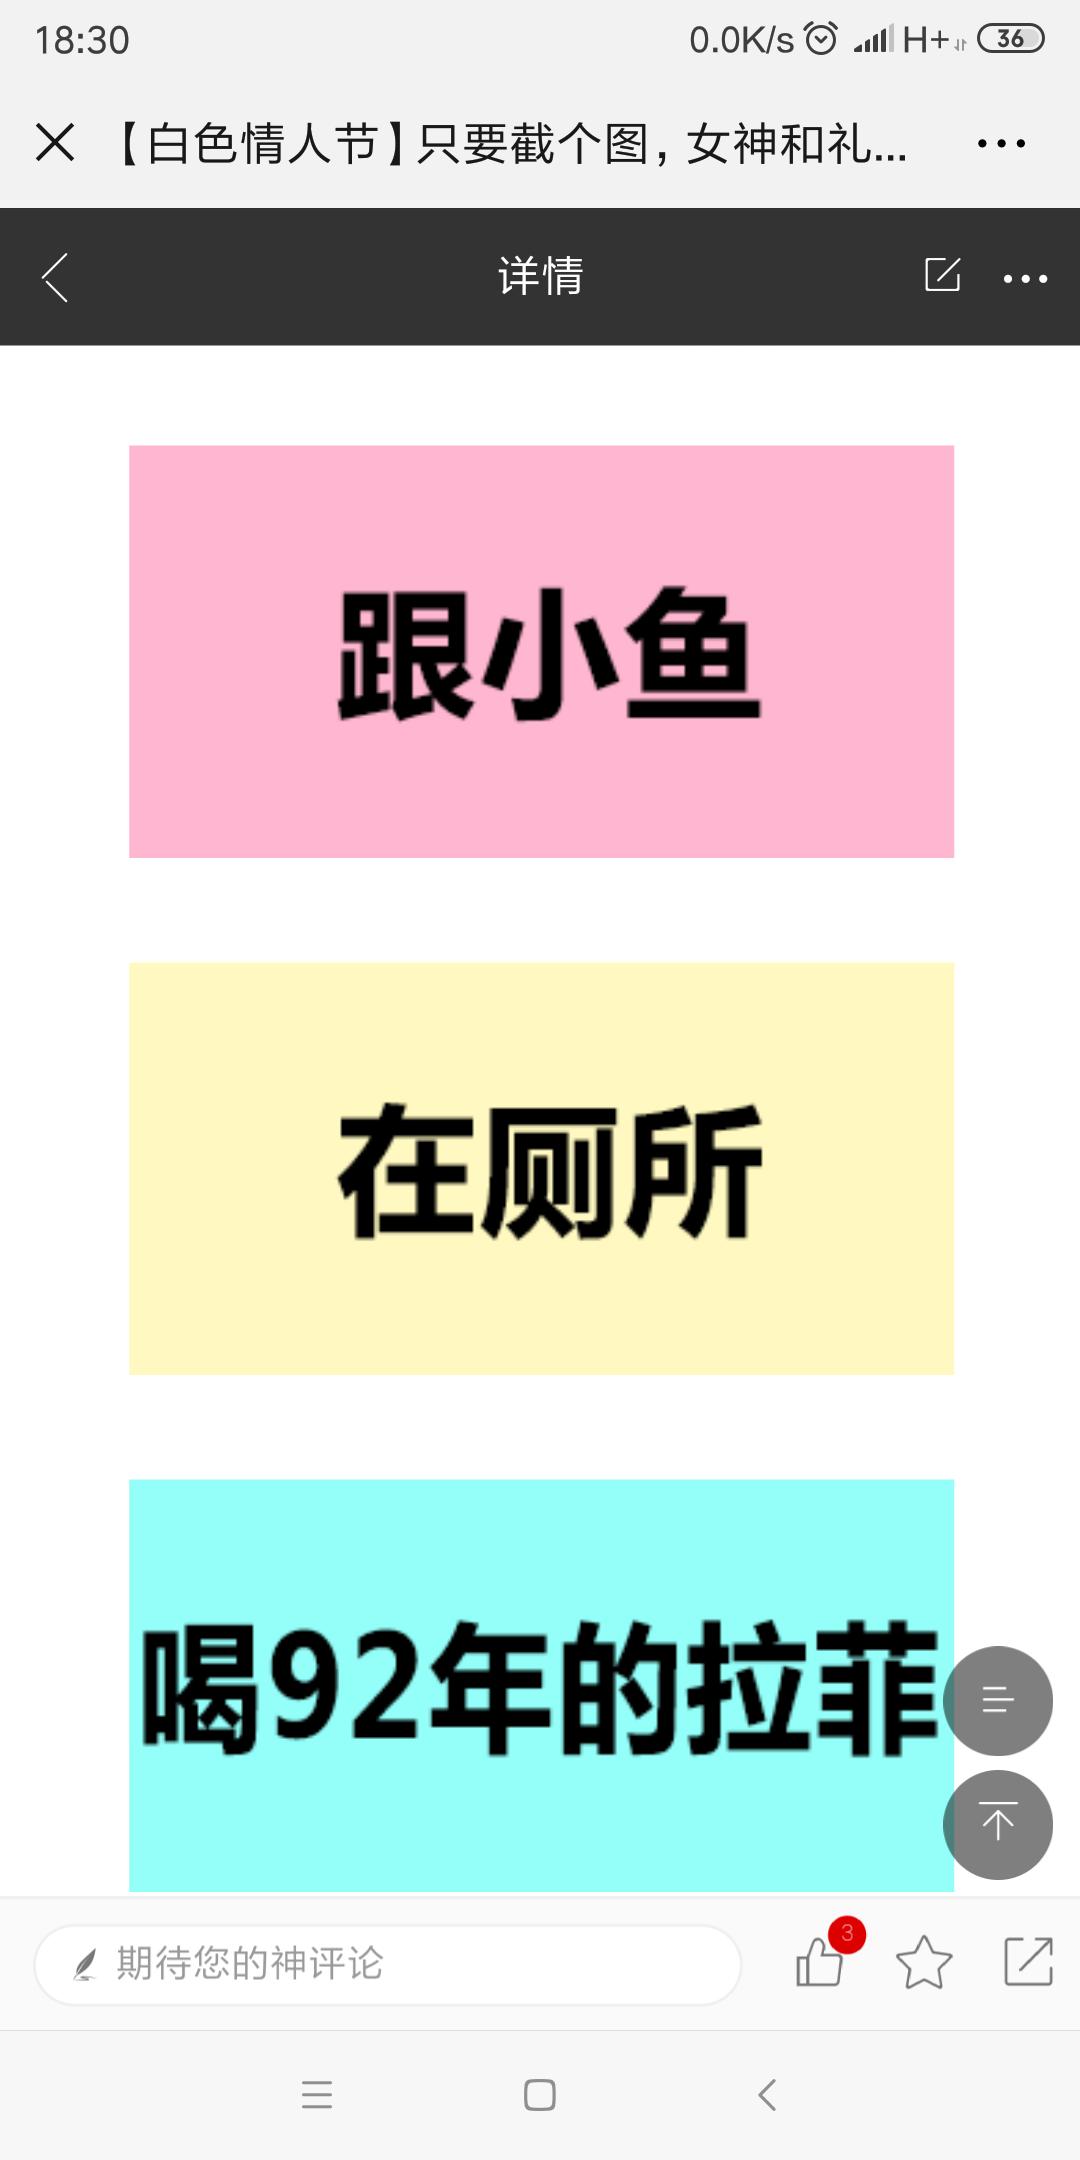 Screenshot_2019-03-13-18-30-48-105_com.tencent.mm.png